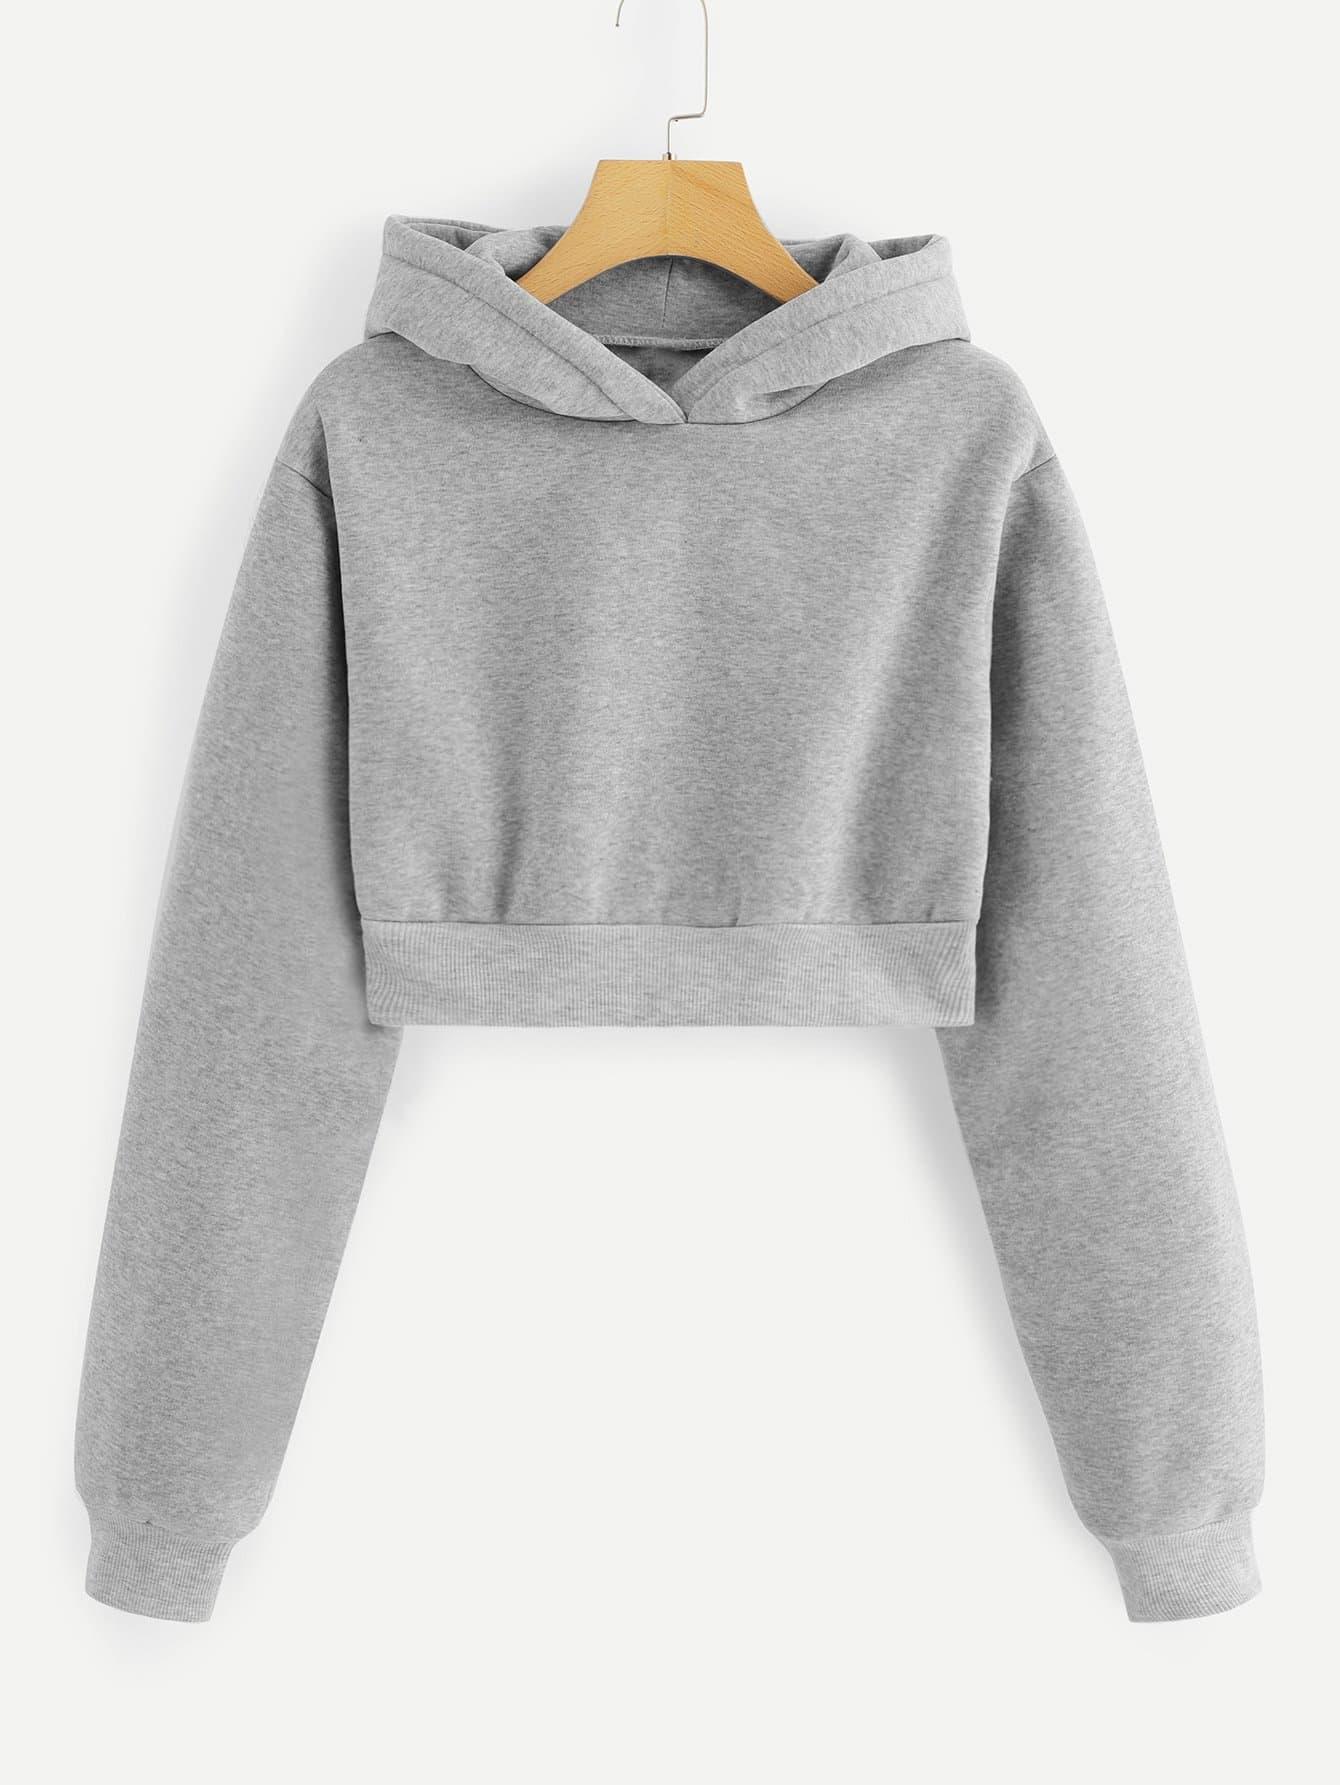 Купить Повседневный Ровный цвет Пуловеры Серый Свитшоты, null, SheIn